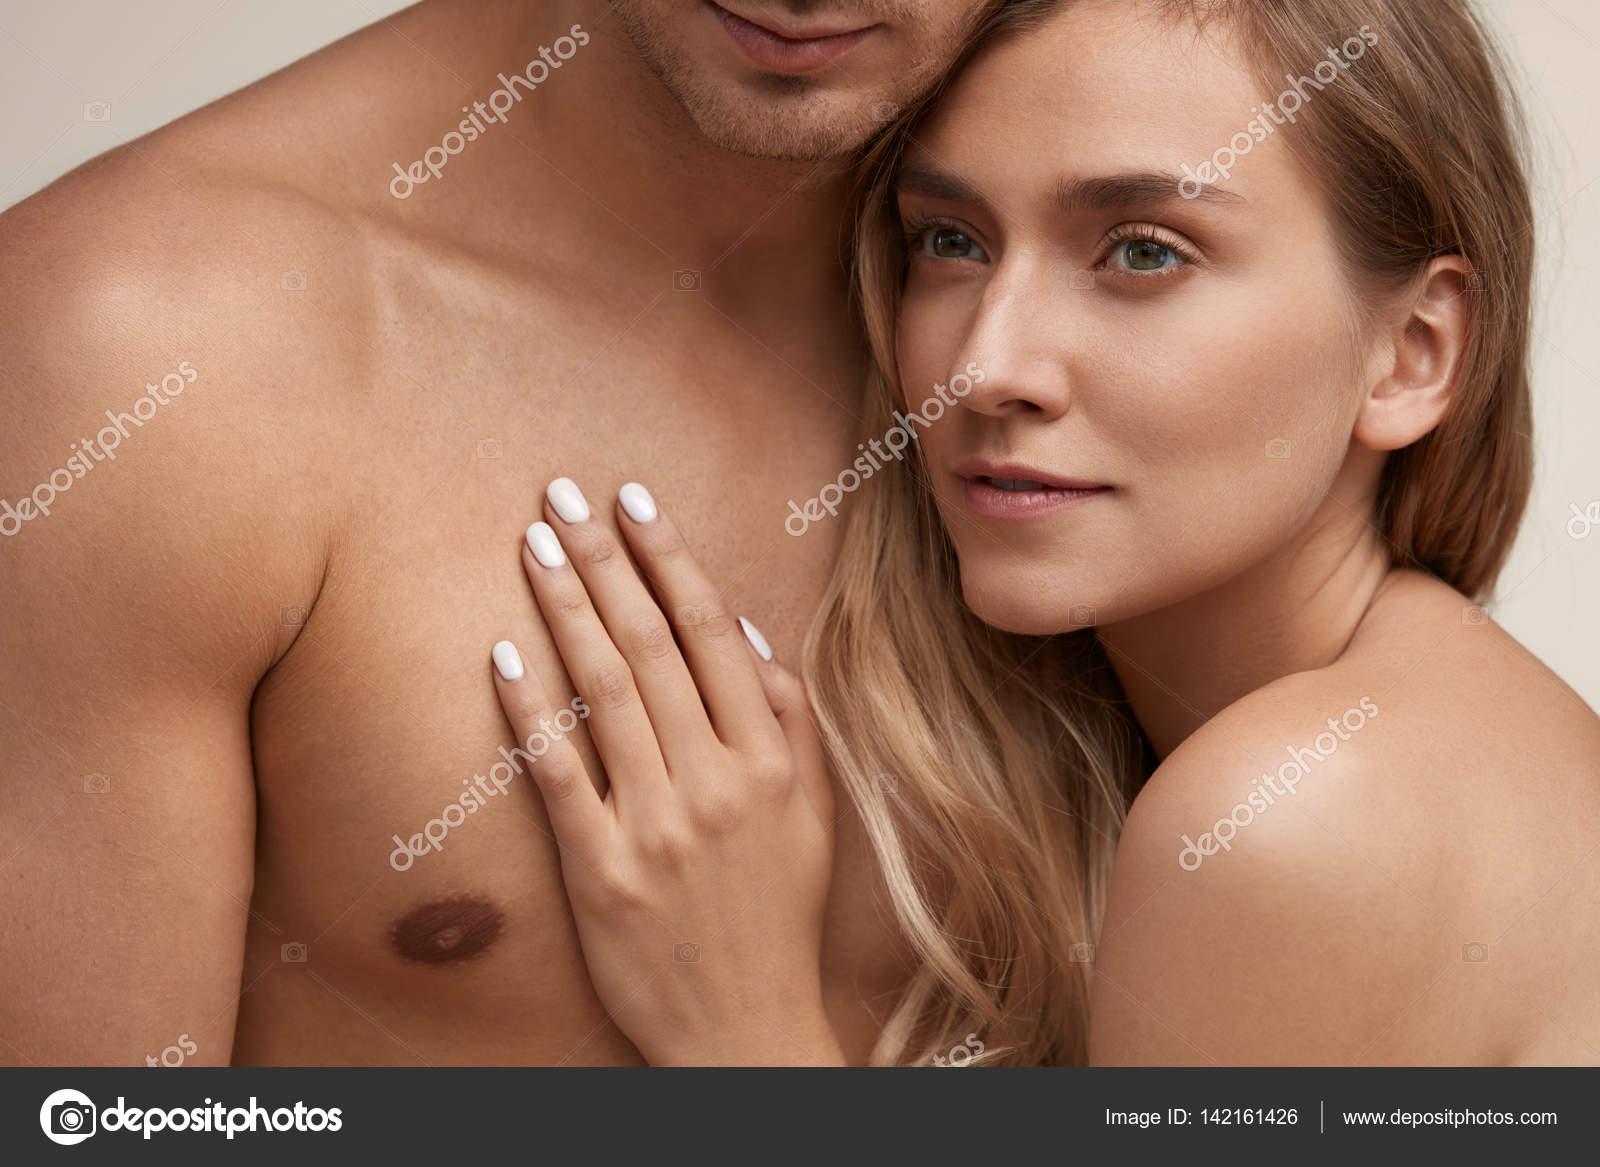 Cuerpo con curvas piel suave-5632